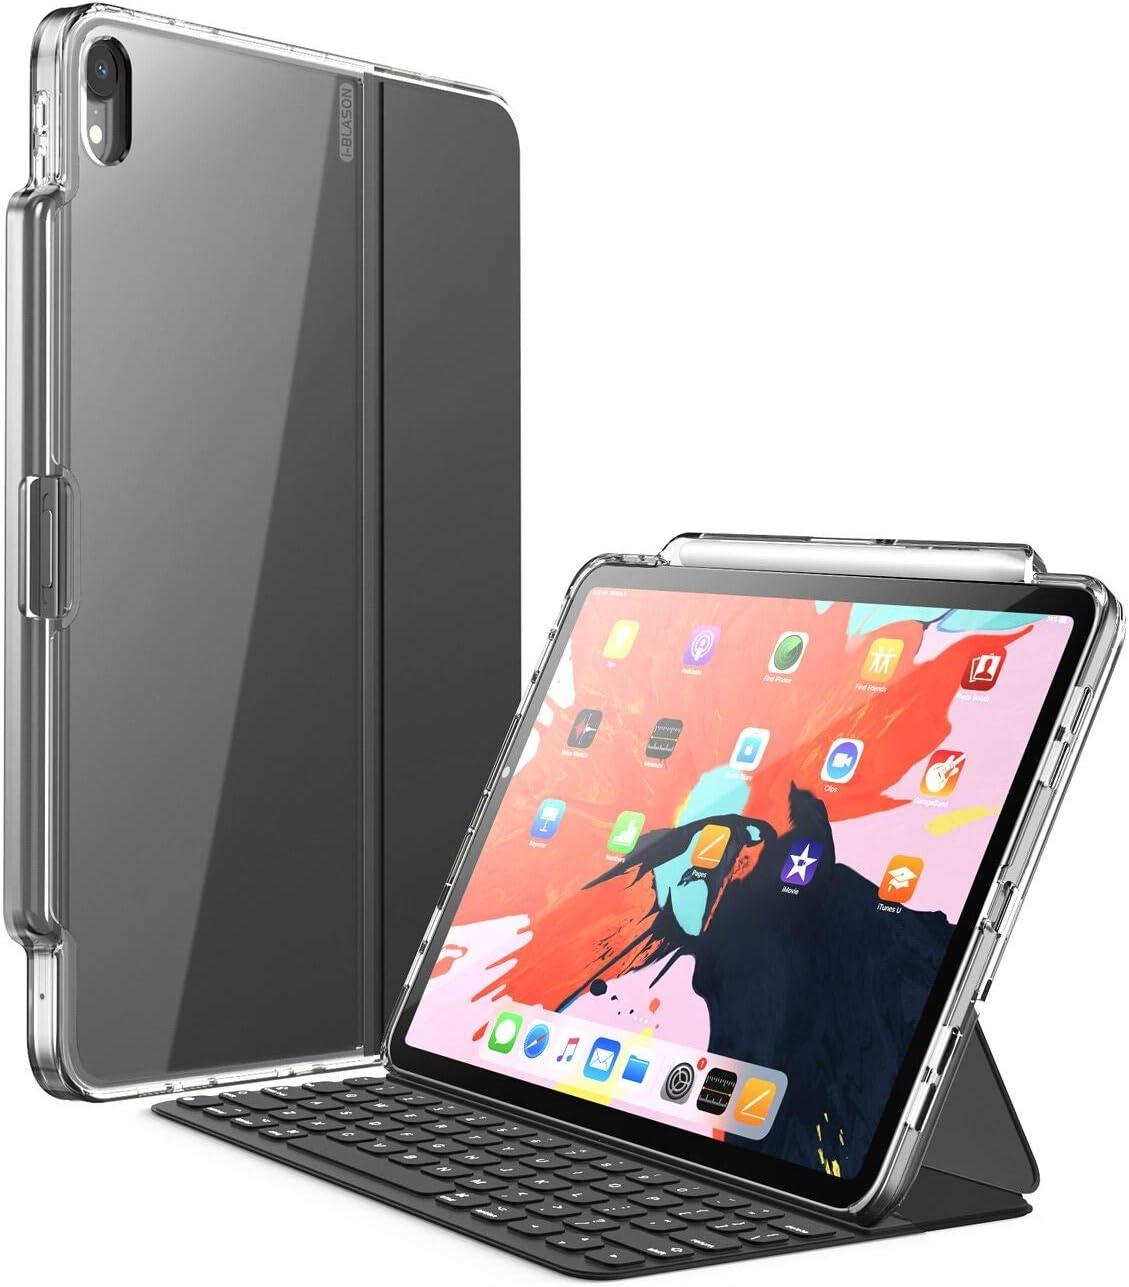 i-Blason Funda iPad Pro 12.9 2018 [Compatible con la Cubierta Oficial y el Teclado Inteligentes] Transparente Case con Soporte para lápiz para iPad Pro 12.9 Pulgadas (Transparente)